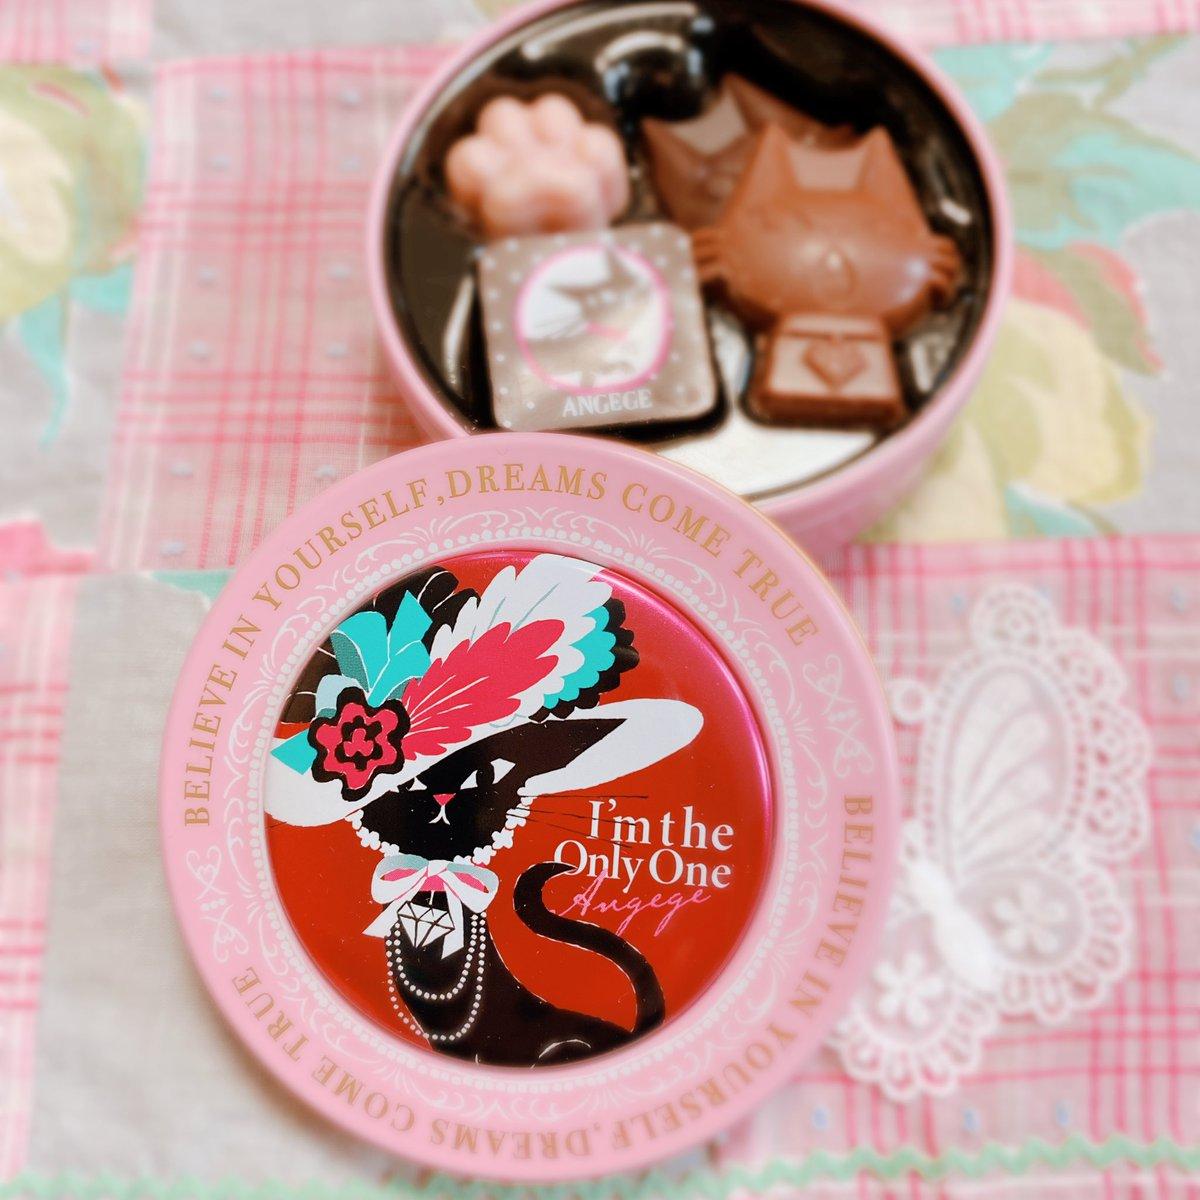 test ツイッターメディア - ニャンのチョコレート ⑅*ॱ˖• 可愛い  蓋のマドモアゼルなニャンはマグネットになっているので裏側に移動して〜まち針ひっ付くまち針ケースにしました°・*:.。.☆  #ゴンチャロフ #チョコレート #チョコレート缶 #バレンタイン2021 https://t.co/rQFQSFZm6B